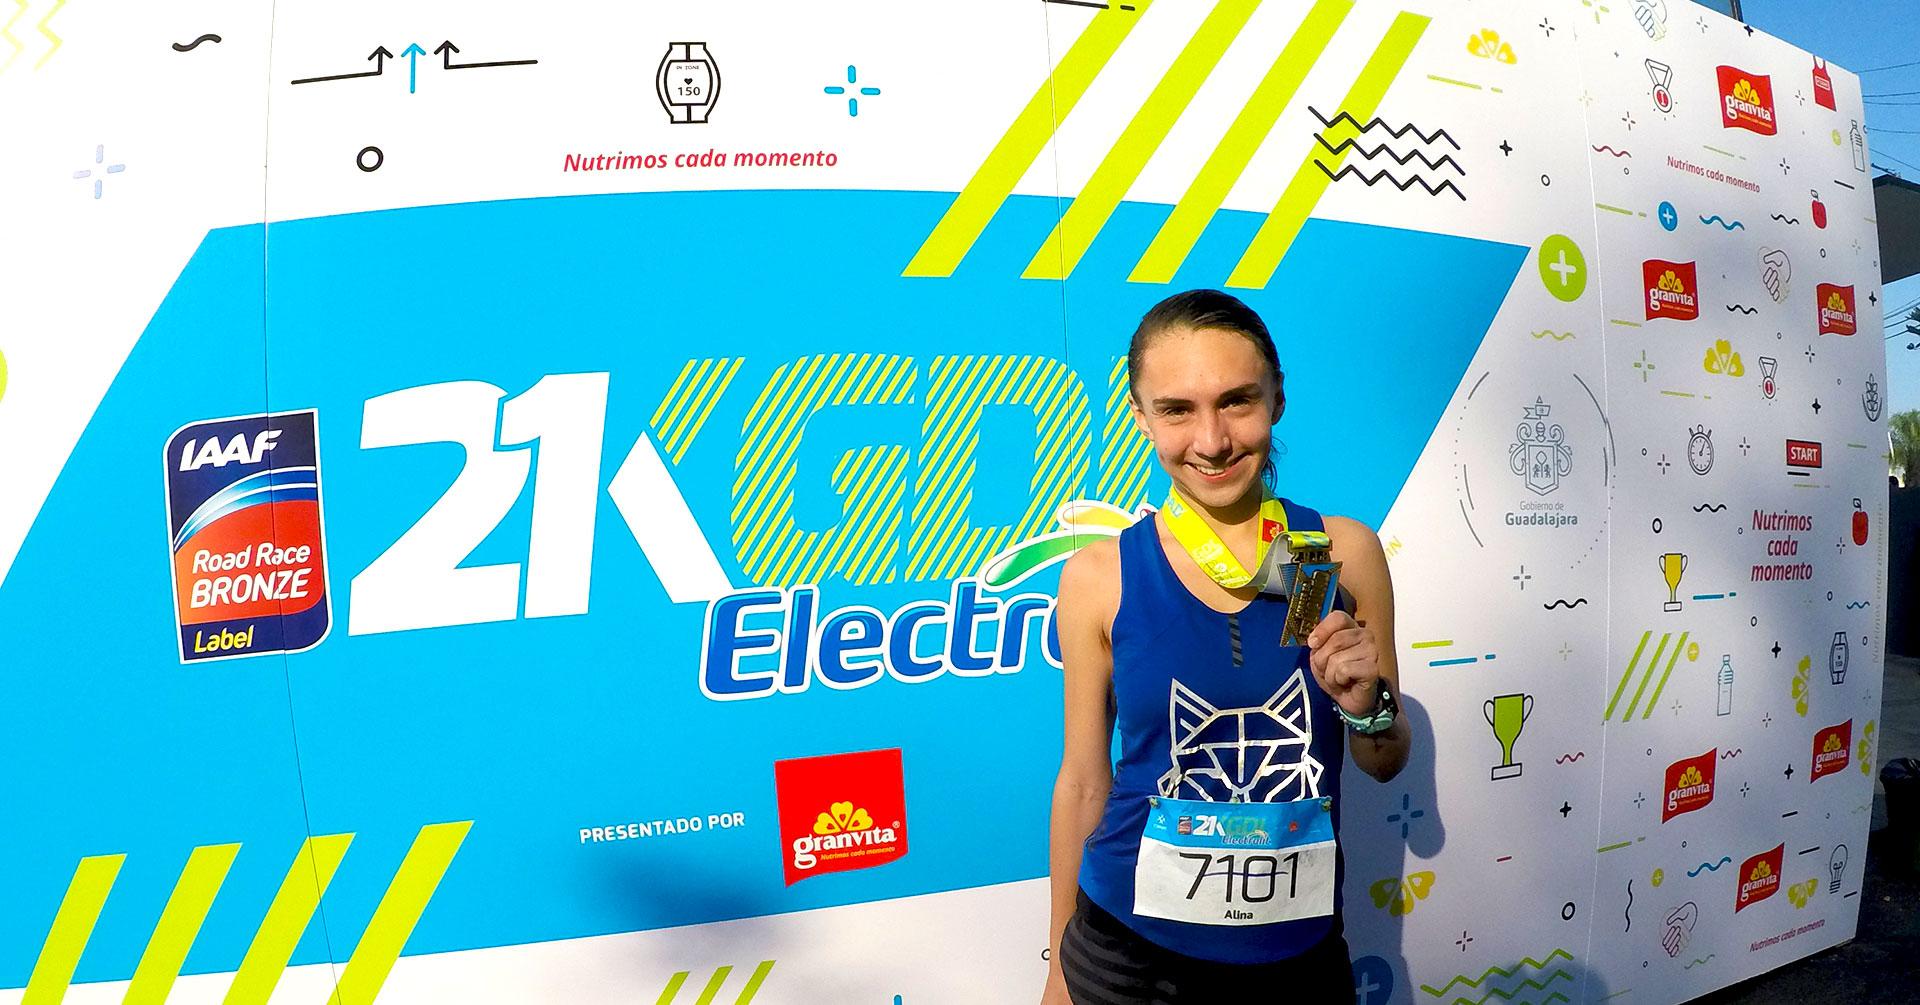 Juntos por la actividad física y una vida saludable en el #21kElectrolitGDL